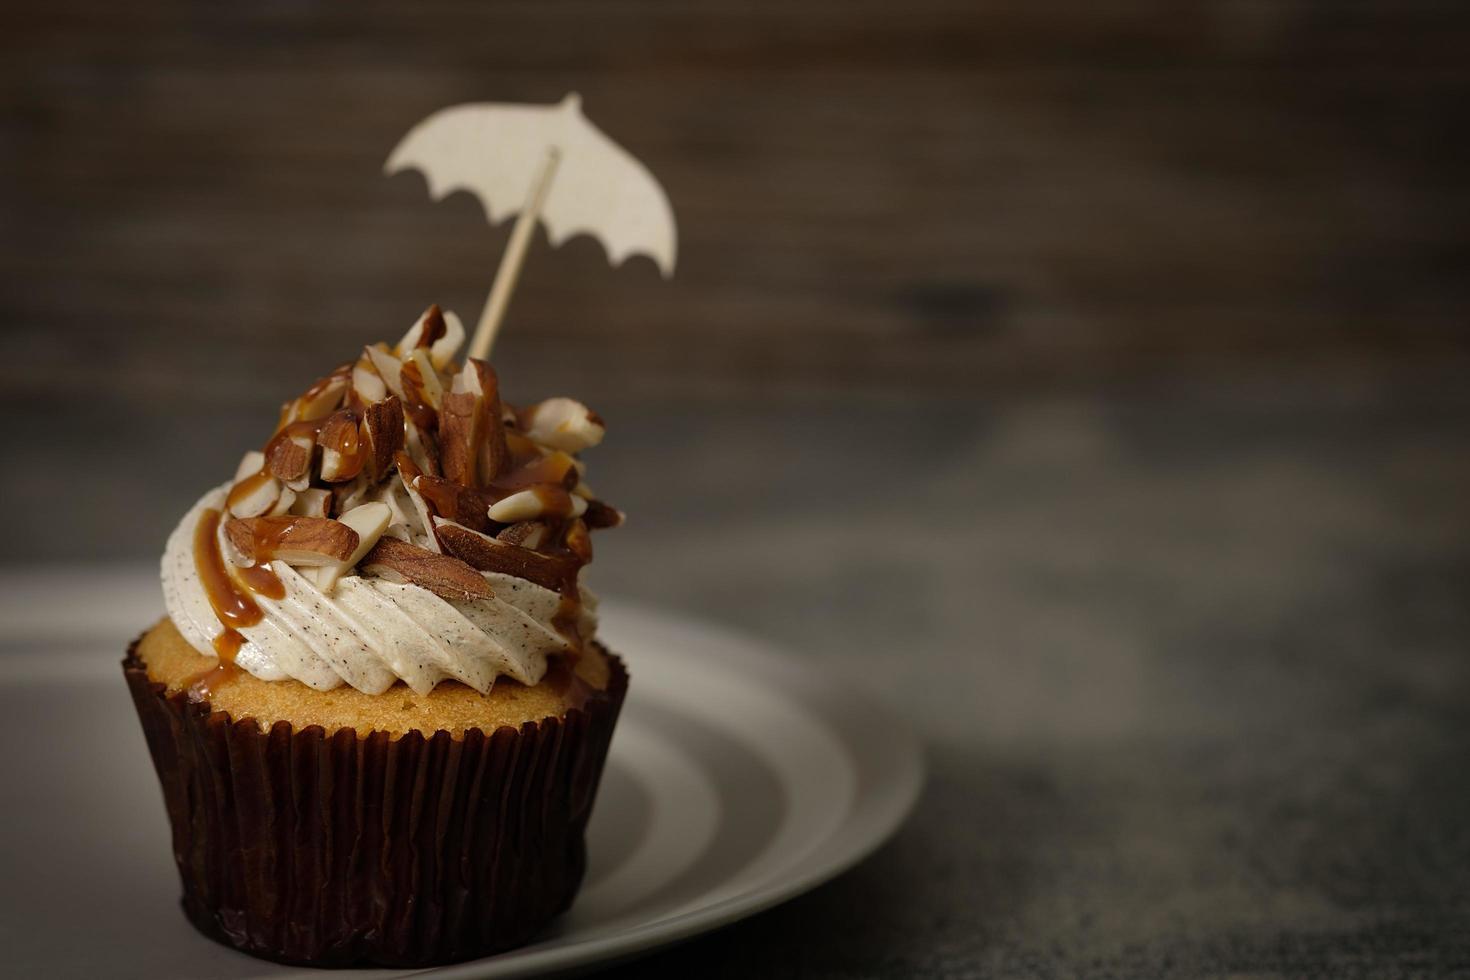 cupcake cubierto con glaseado, almendras y caramelo foto